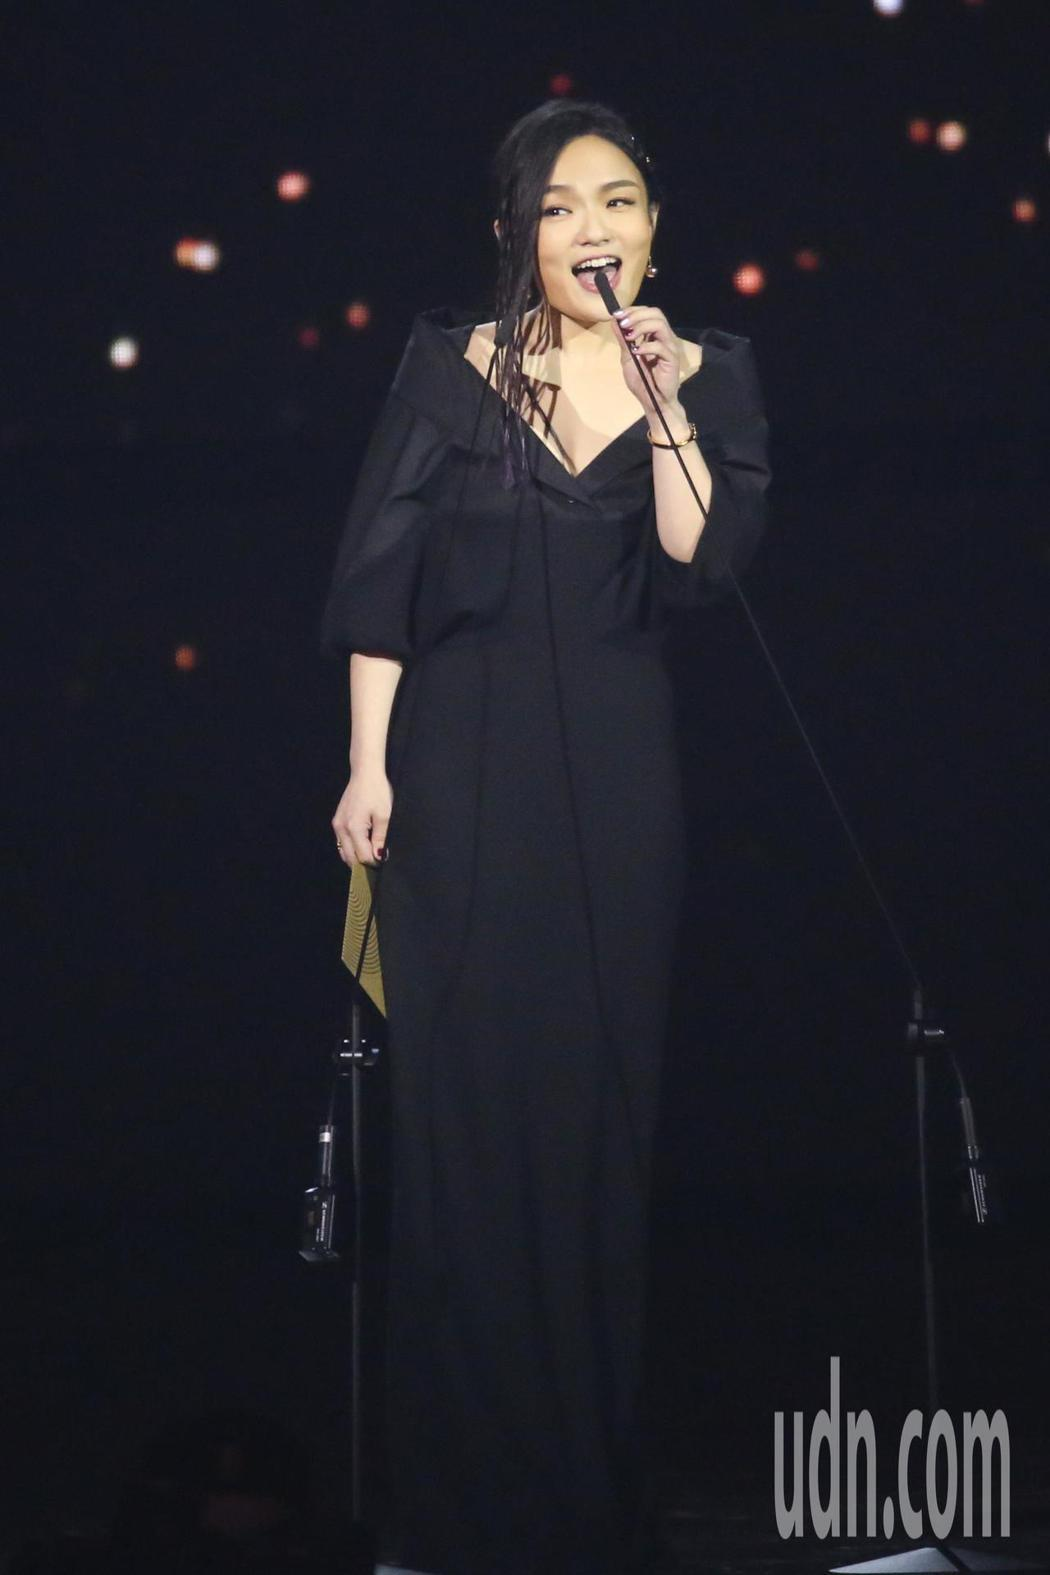 第30屆金曲獎,頒獎人徐佳瑩。記者林伯東/攝影